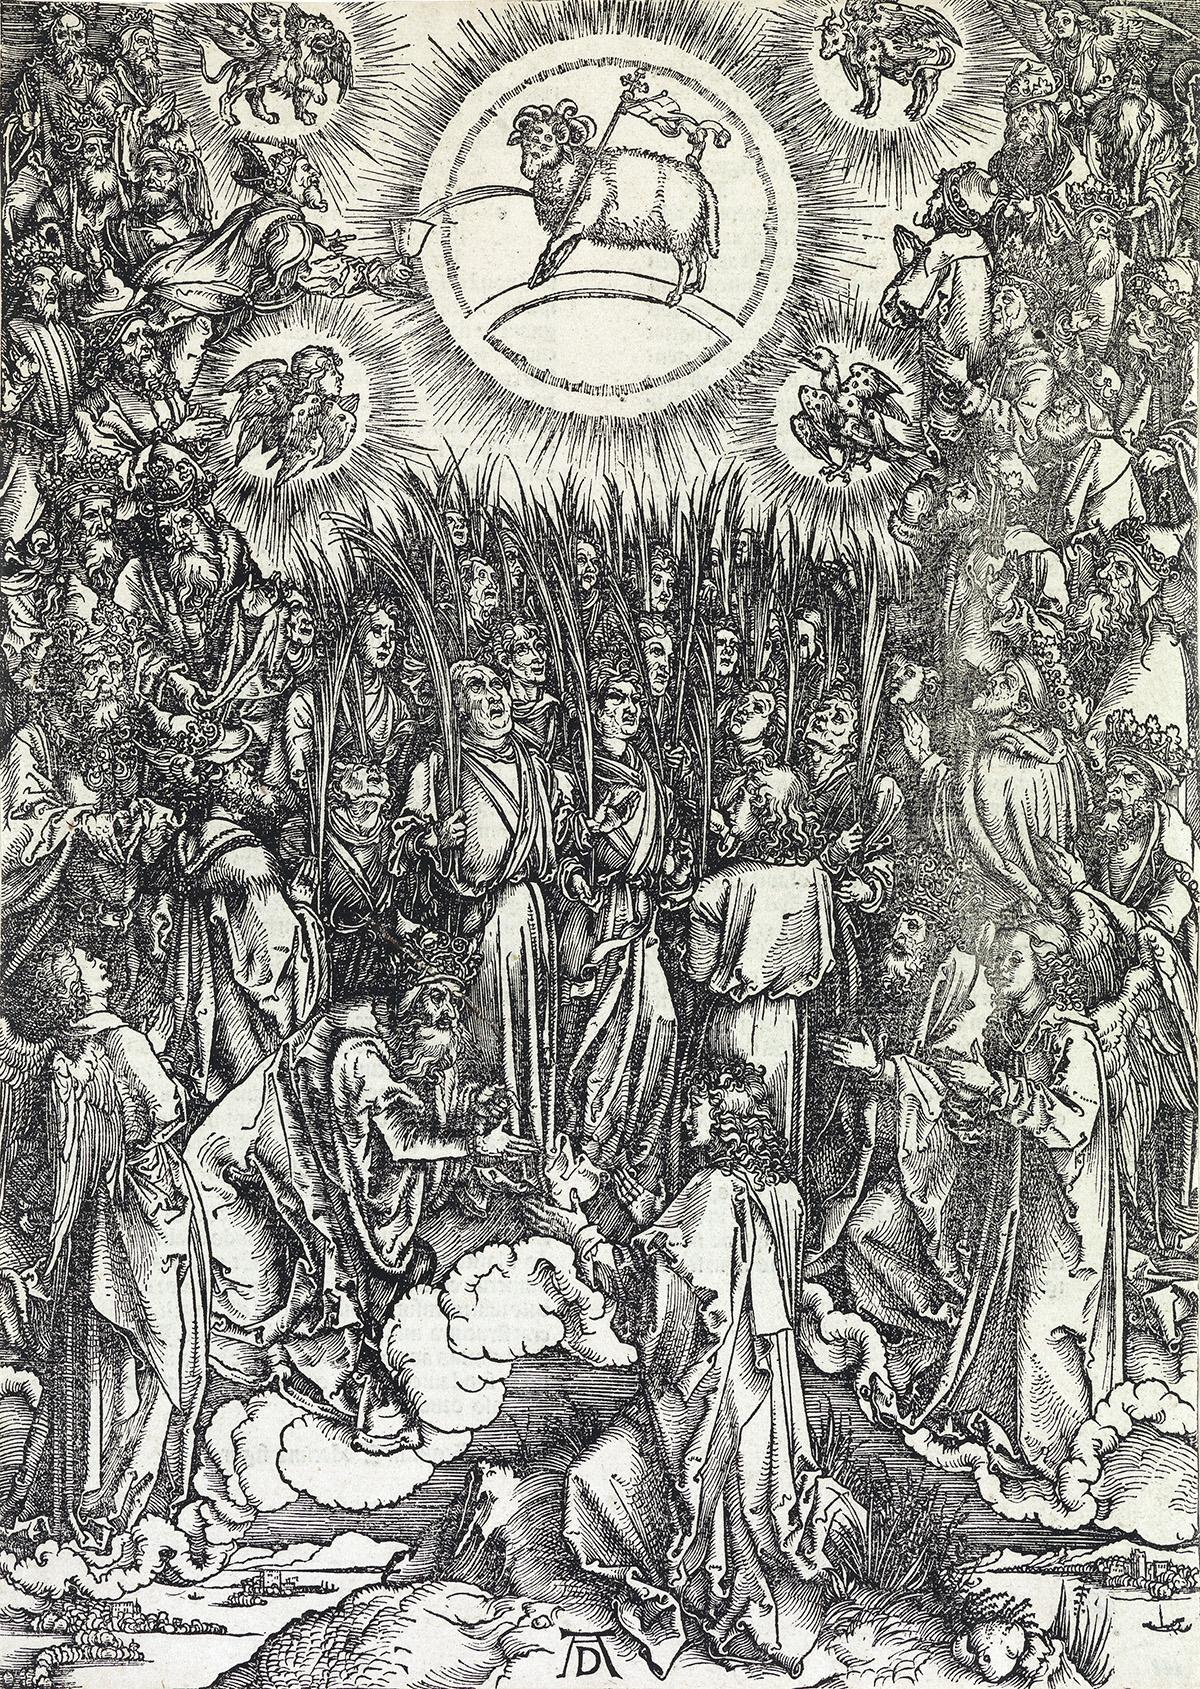 ALBRECHT-DÜRER-The-Adoration-of-the-Lamb